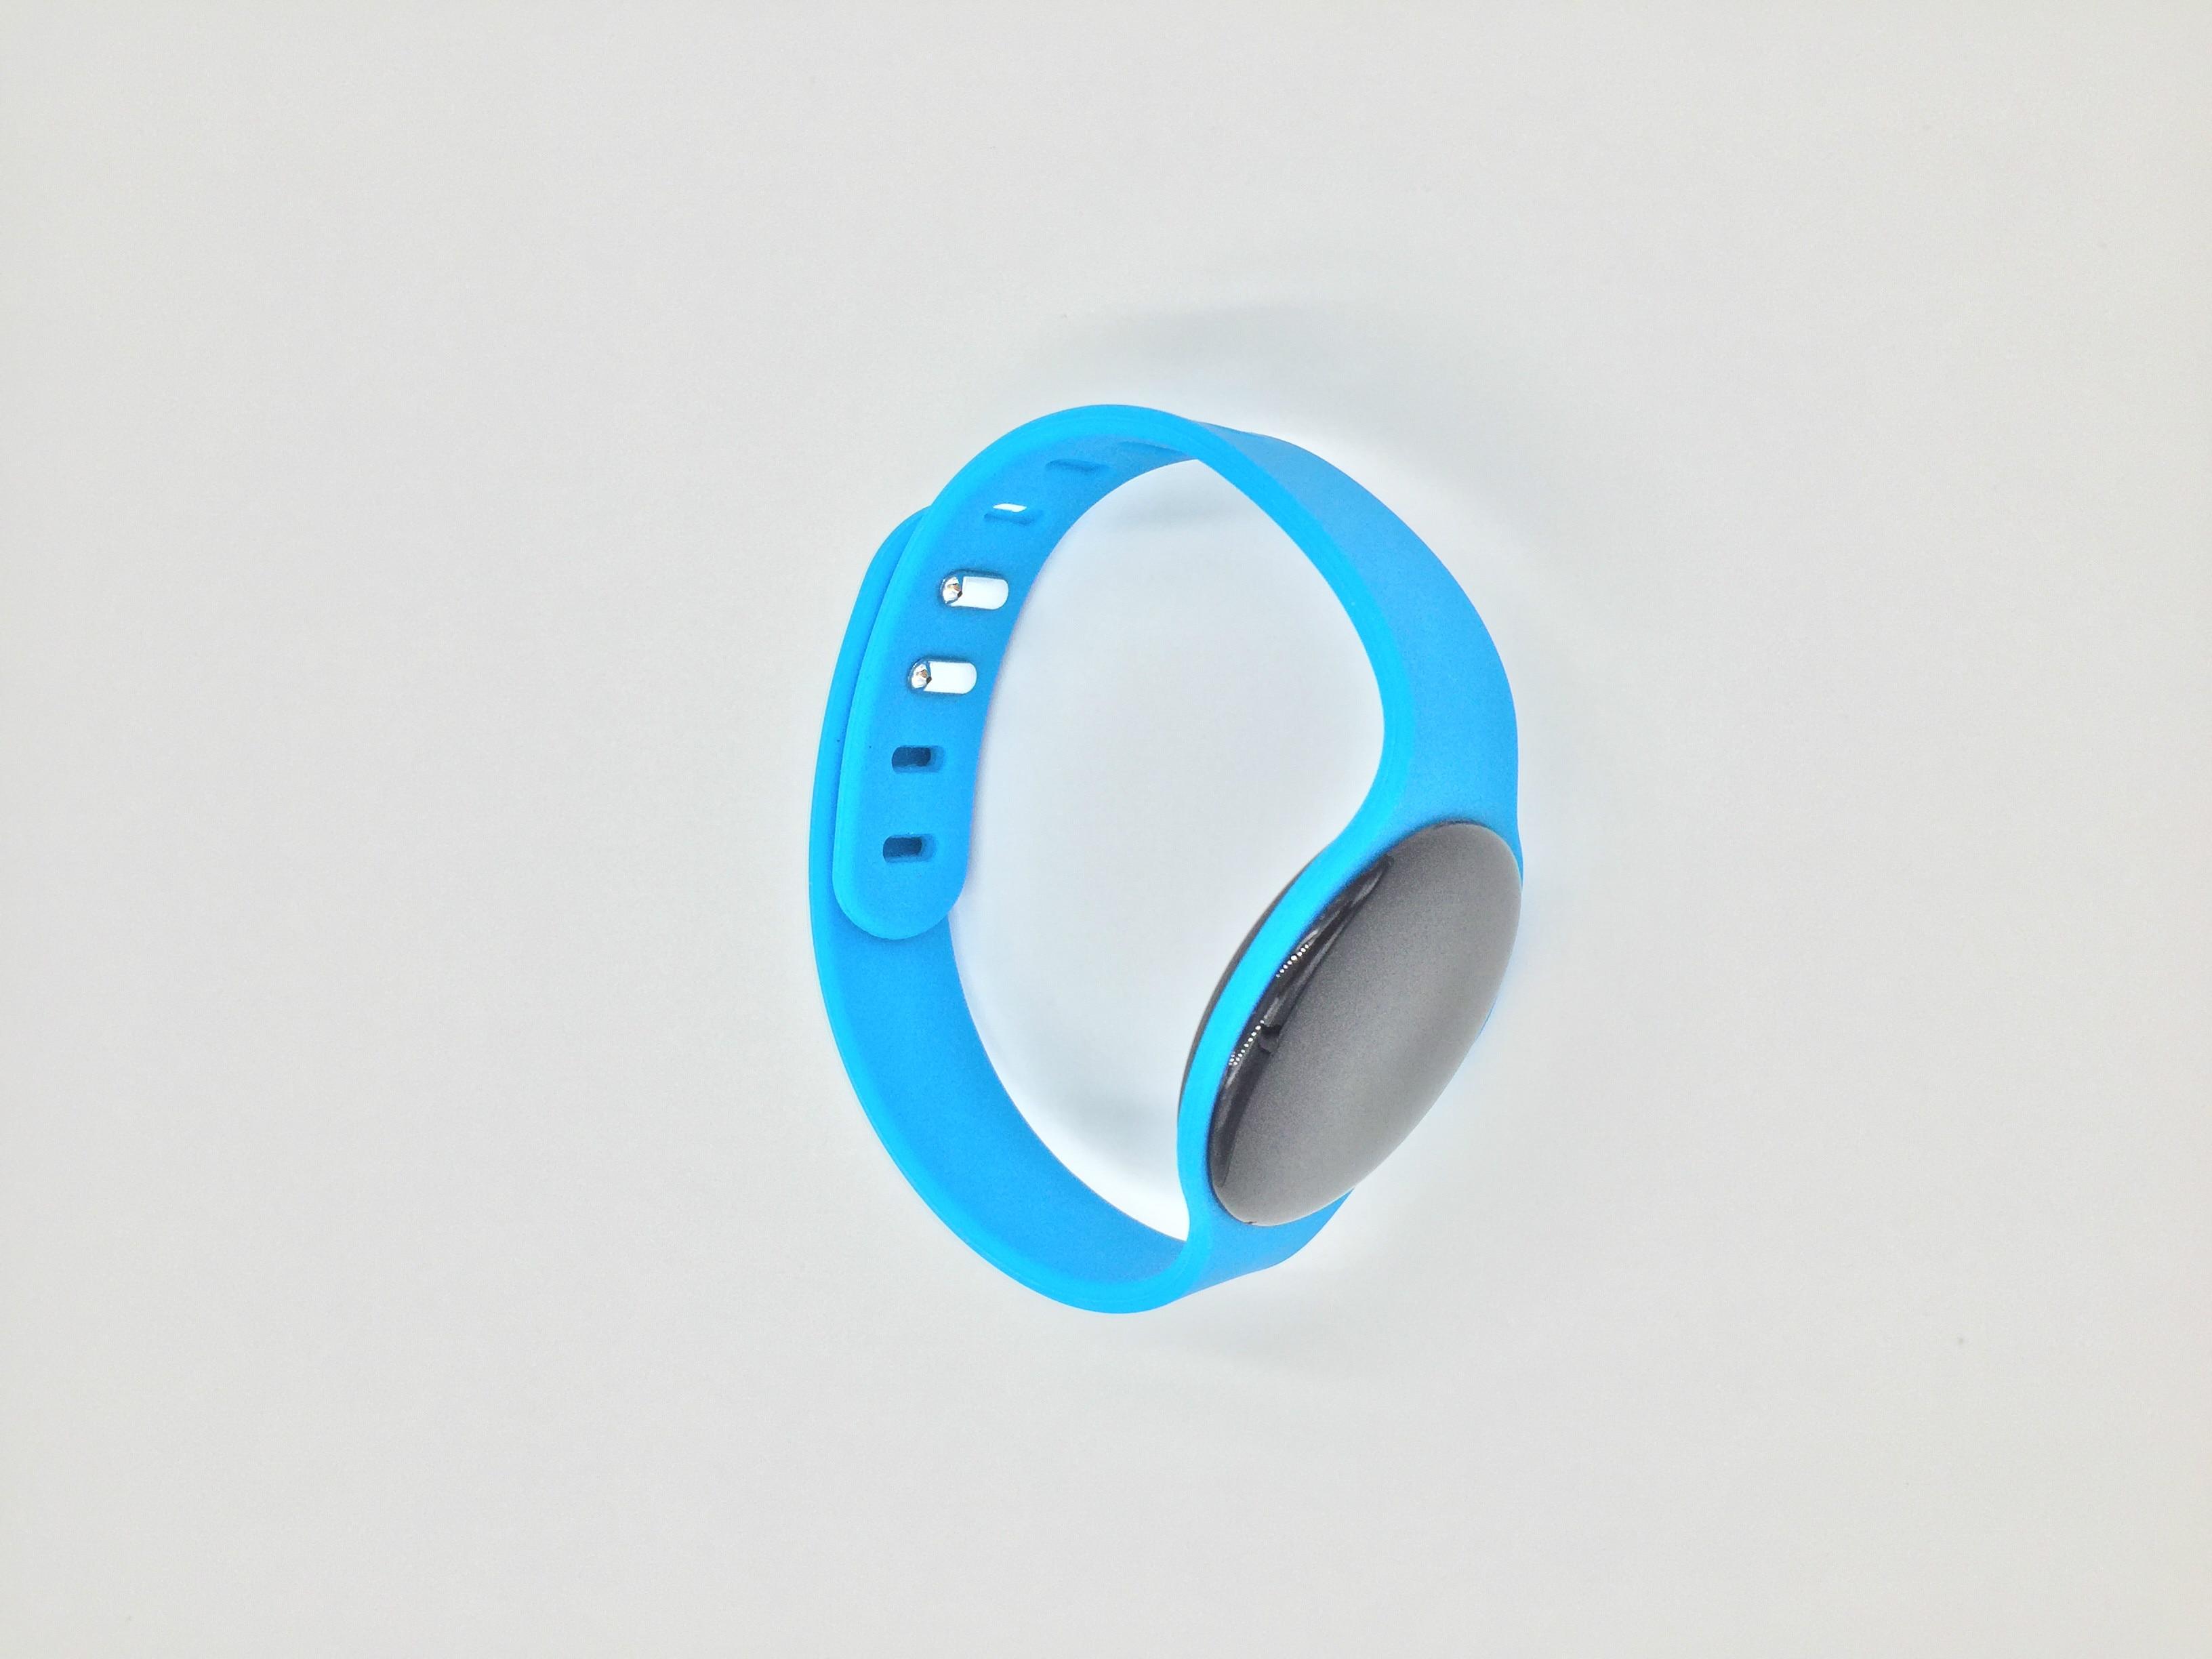 Bluetooth 4.0BLE DA14580 DA14583 Bracelet Development Board